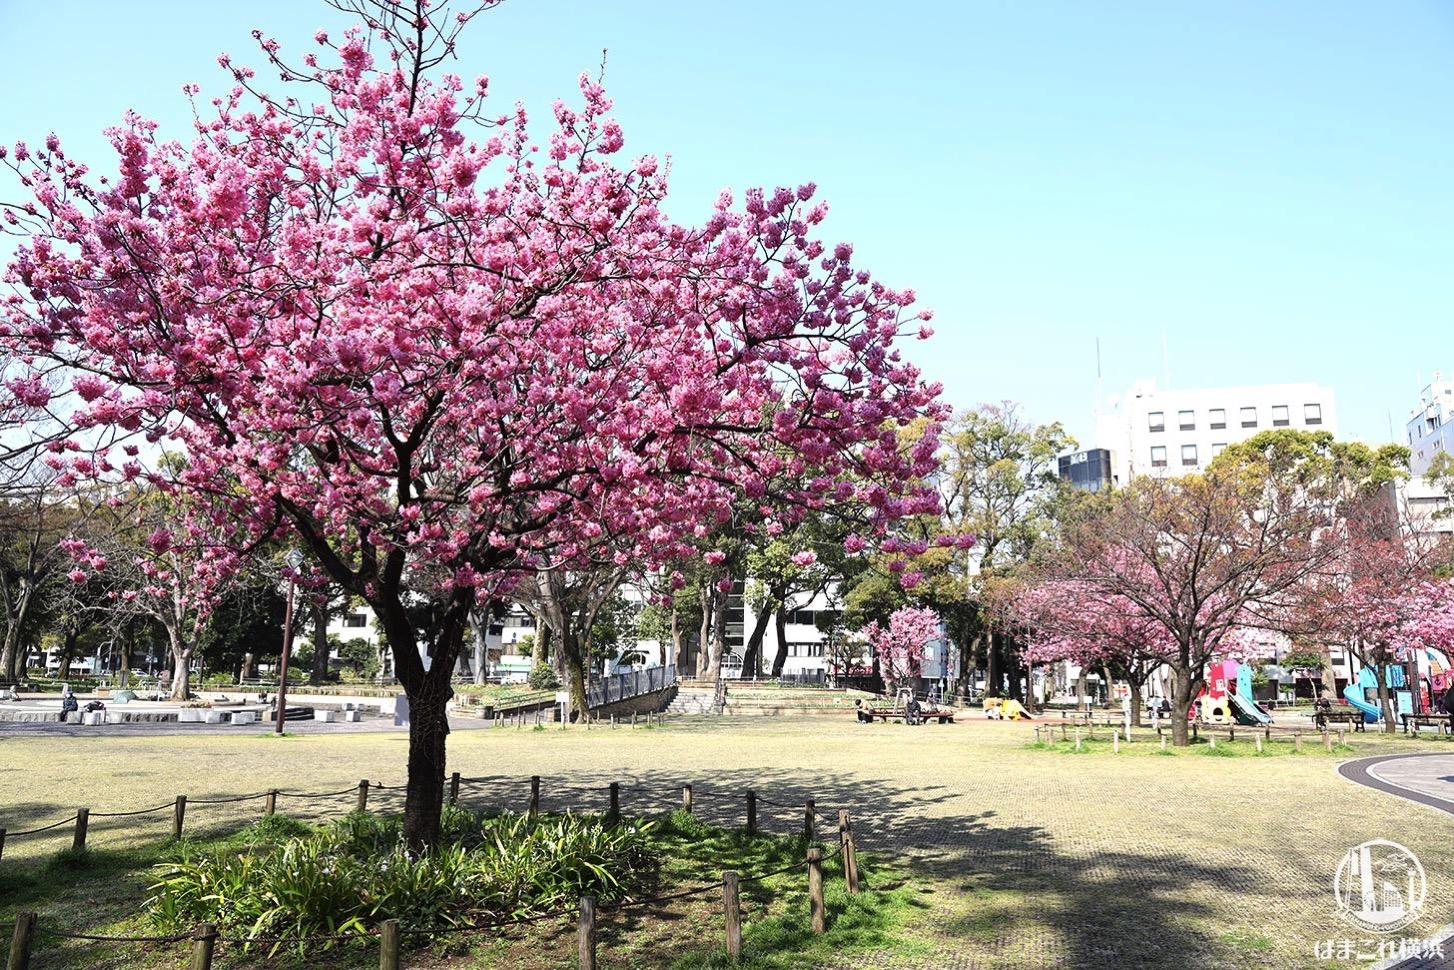 横浜公園 横浜緋桜(ヨコハマヒザクラ)